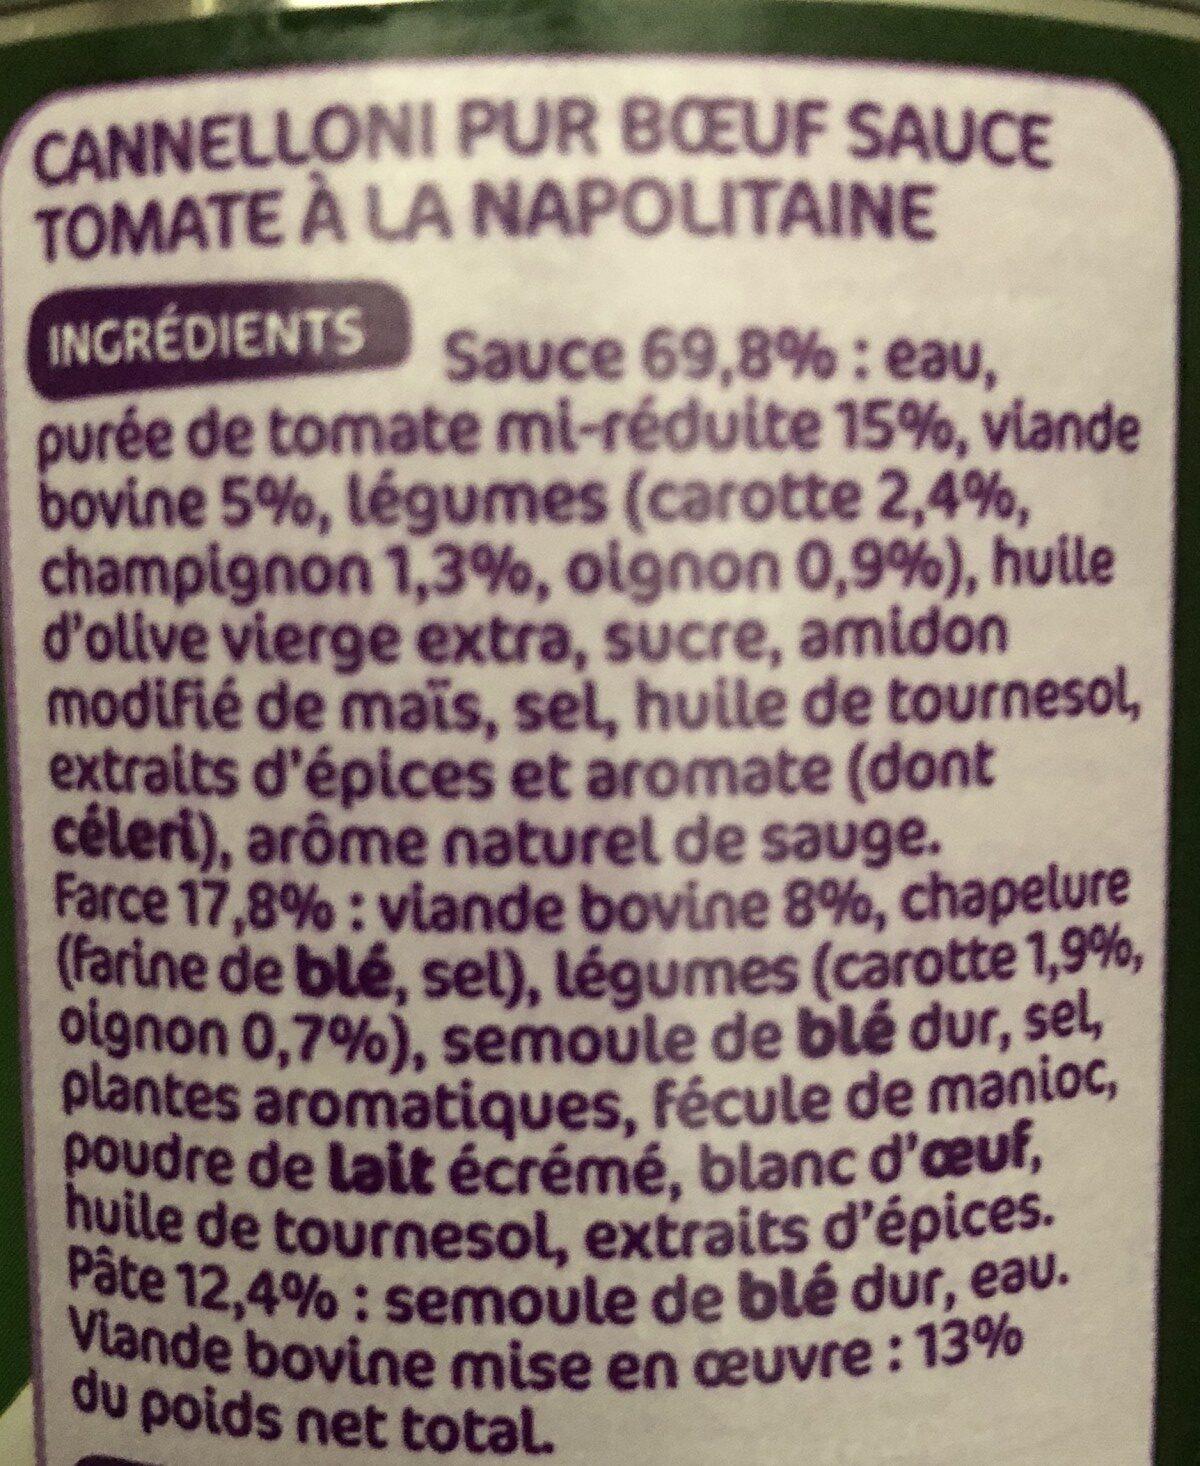 Cannelloni pur boeuf sauce napolitaine - Ingrédients - fr